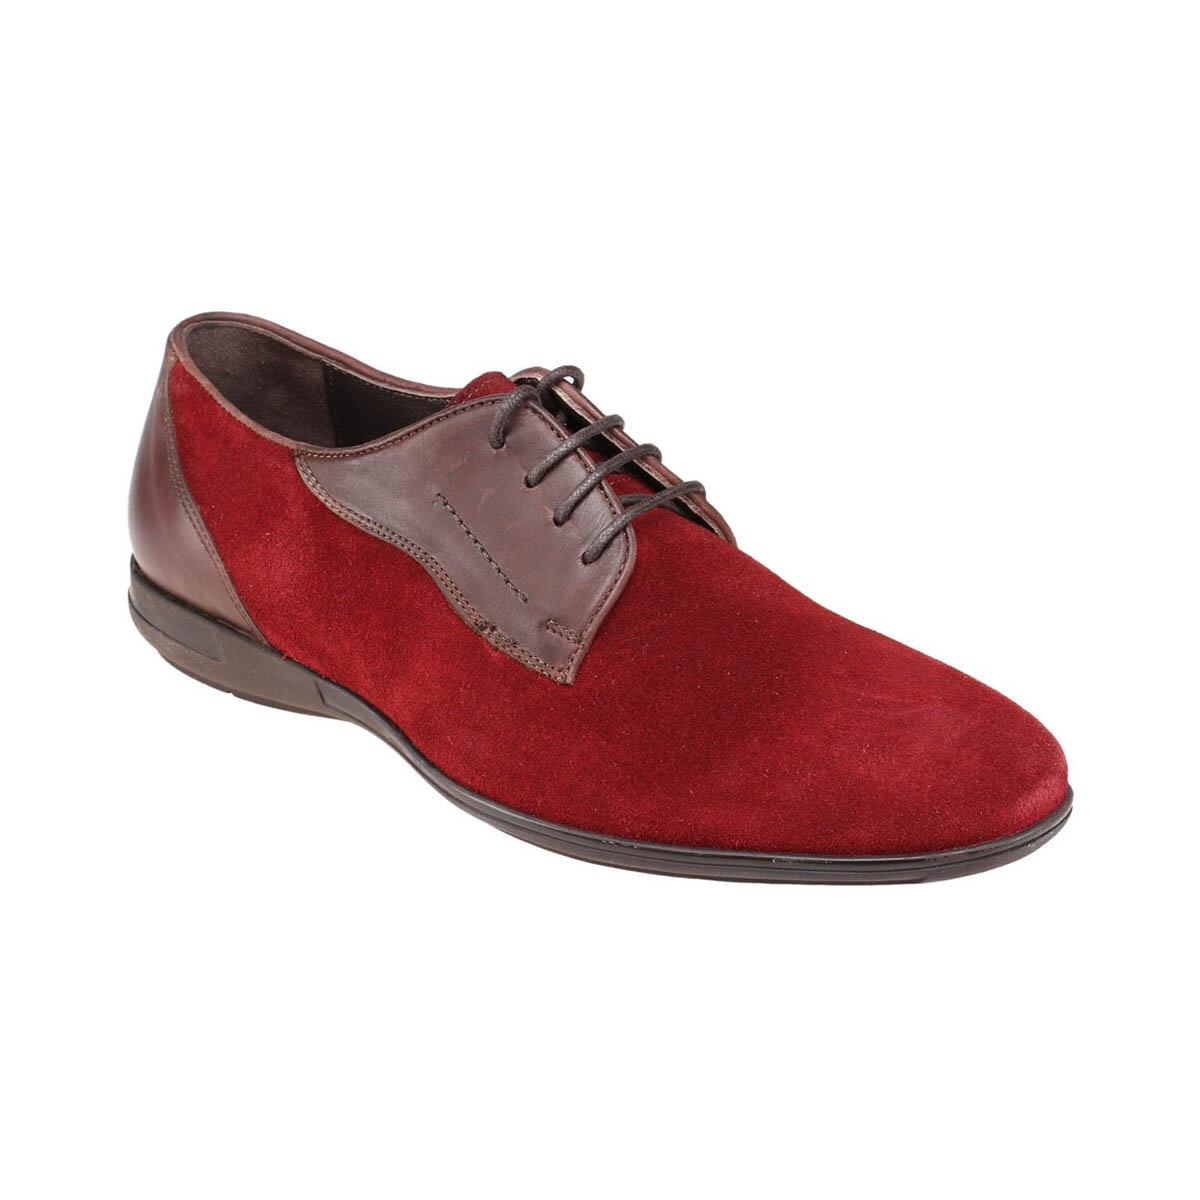 FLO KL-59123-2 M 1506 Burgundy Men 'S Classic Shoes-Styles